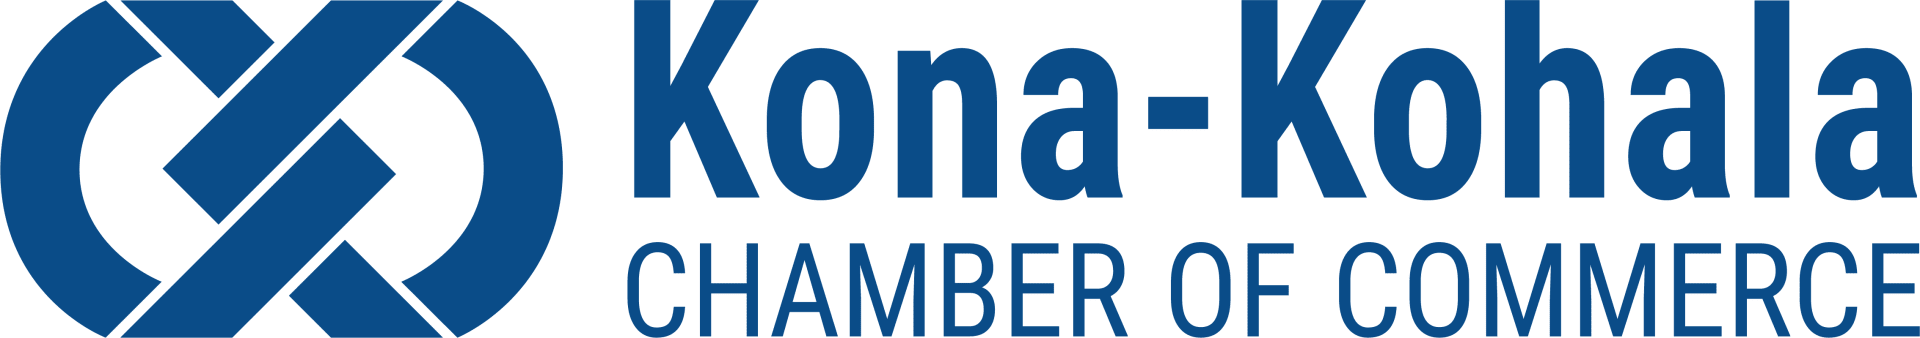 Kona Kohala Chamber of commerce member.png